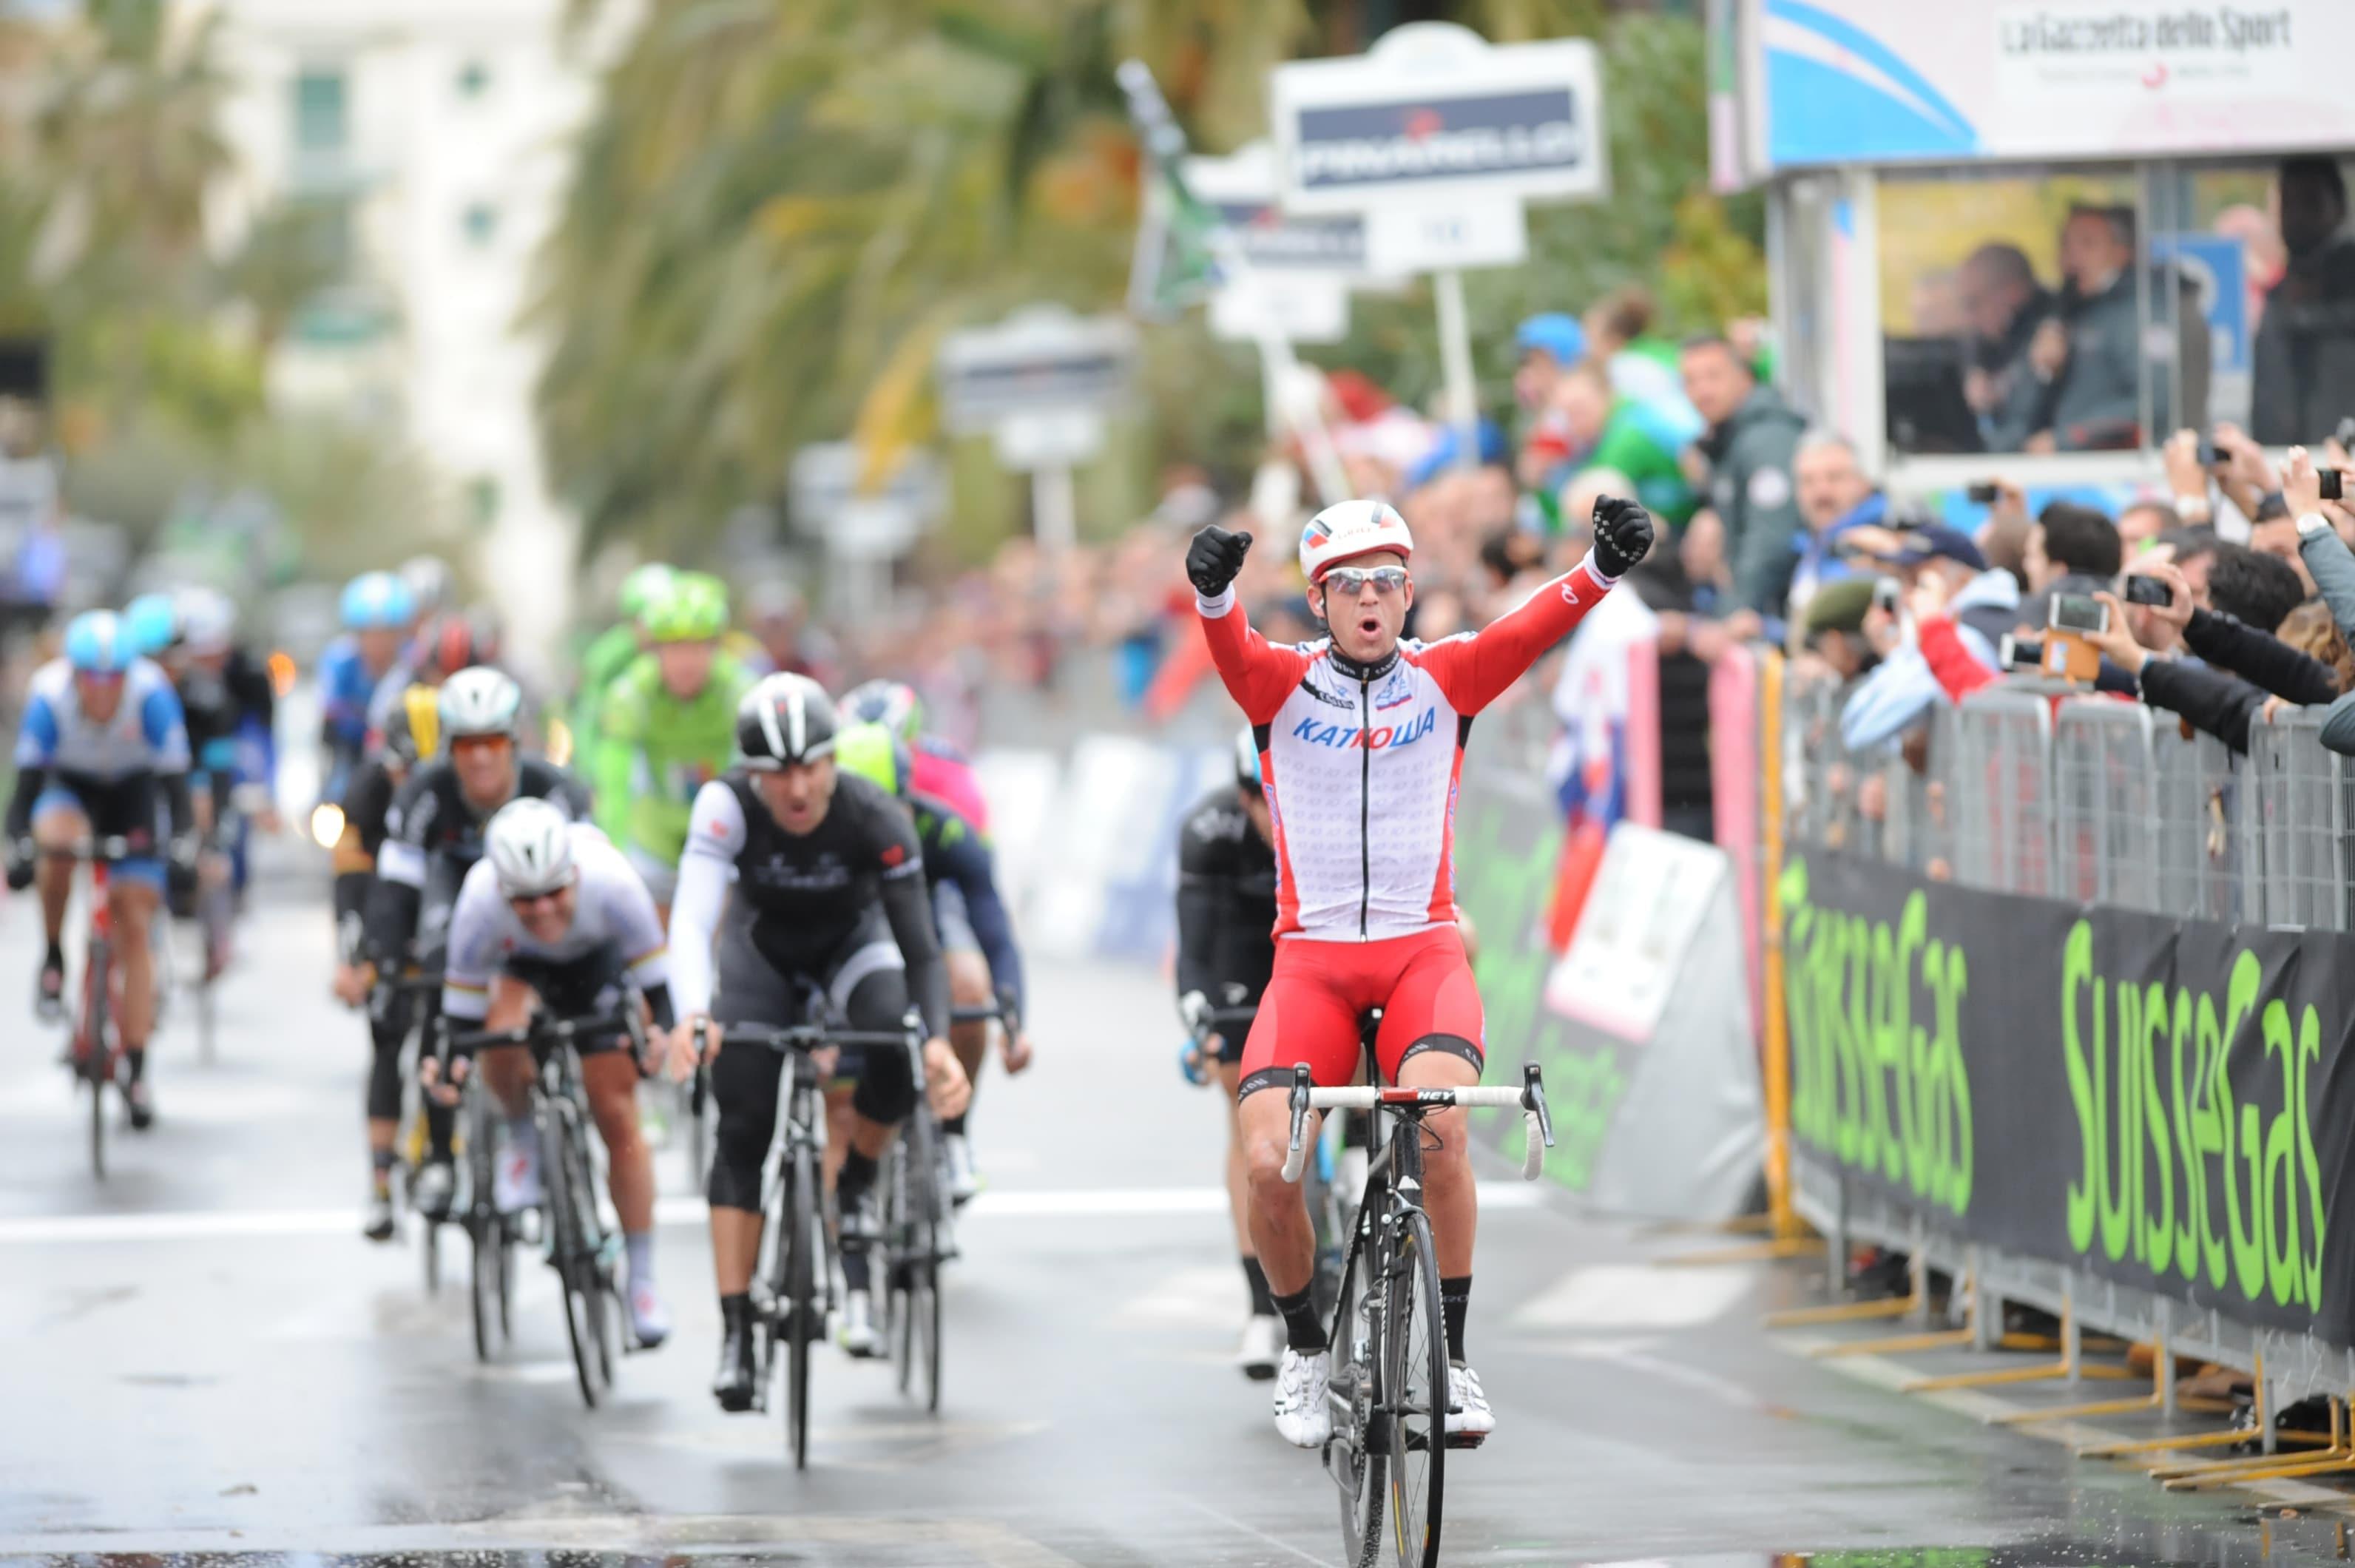 E' tutto pronto per la classicissima del ciclismo: laMilano-Sanremo 2015, che anche quest'anno si correrà didomenicae precisamente il22 marzo.Il percorso saràuguale a quello degli scorsi anni, se non per l'arrivo…